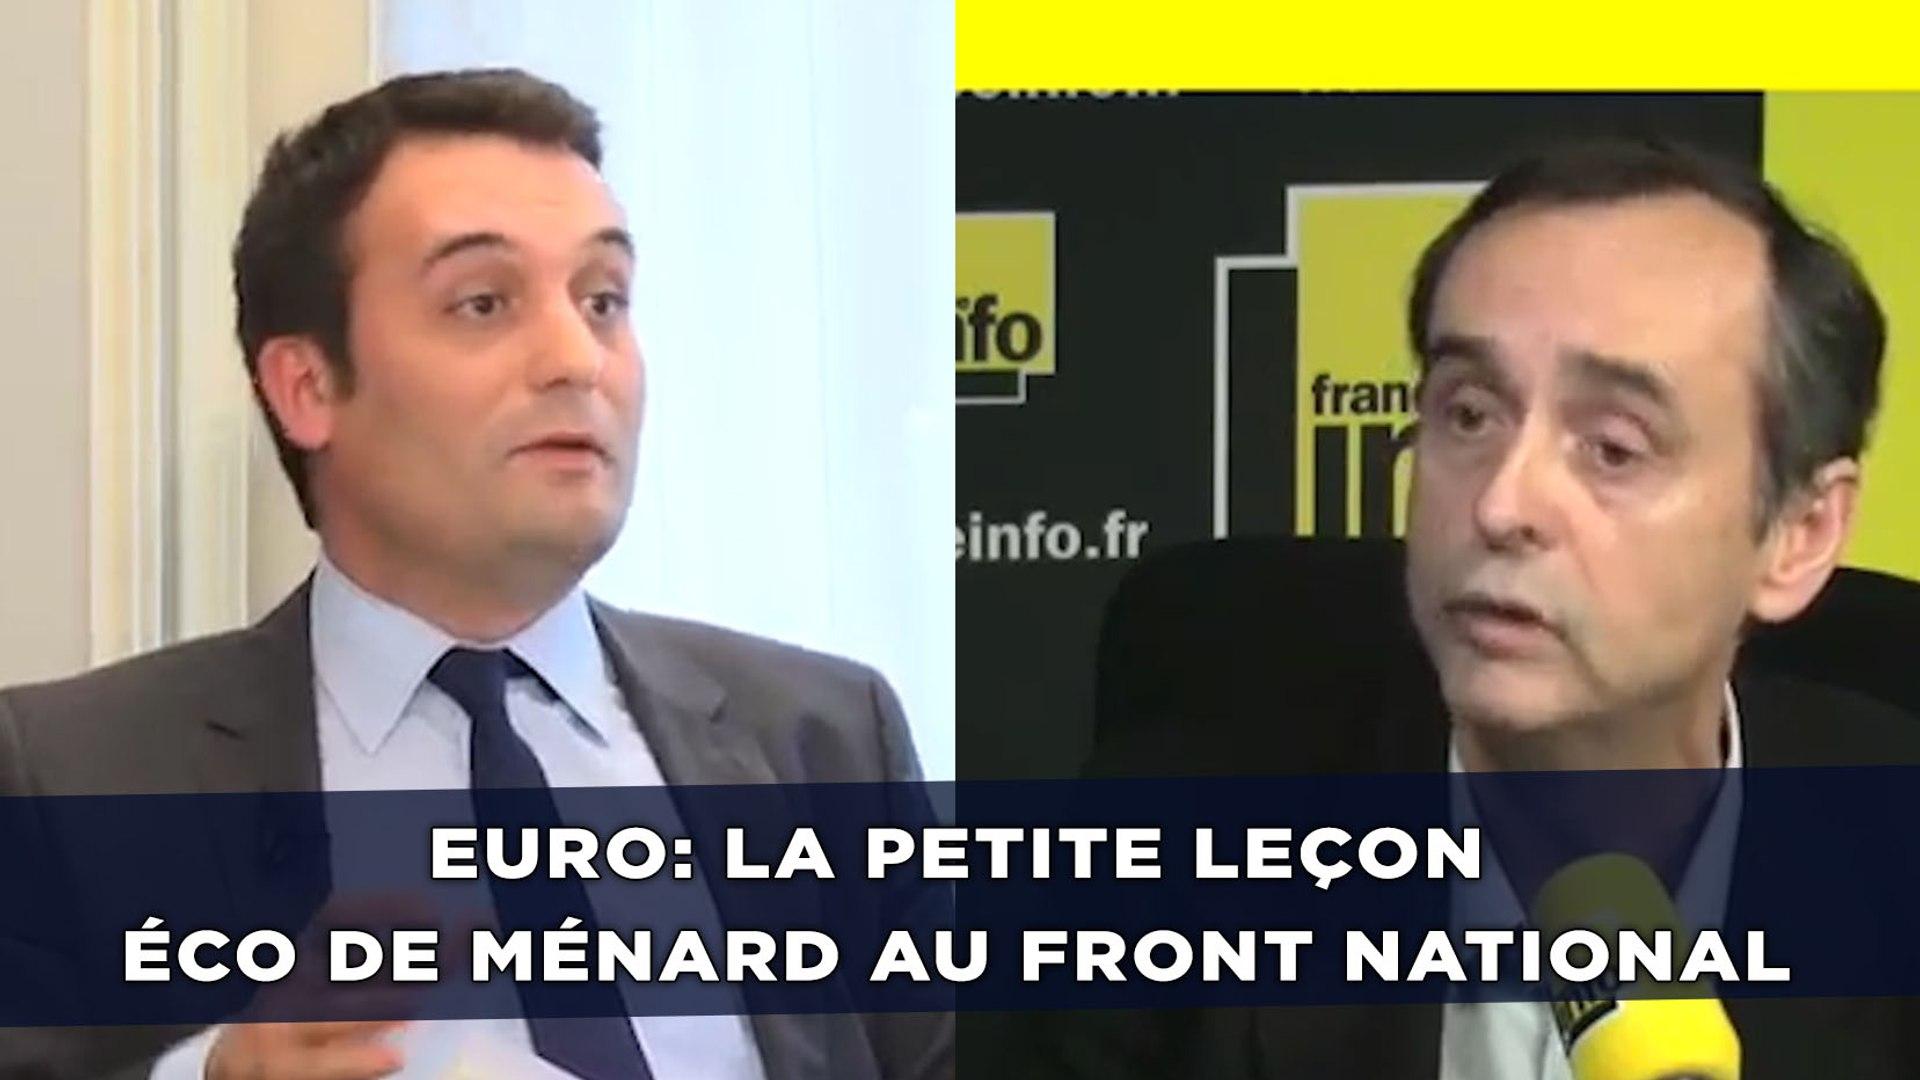 Euro: La petite leçon éco de Ménard au Front national